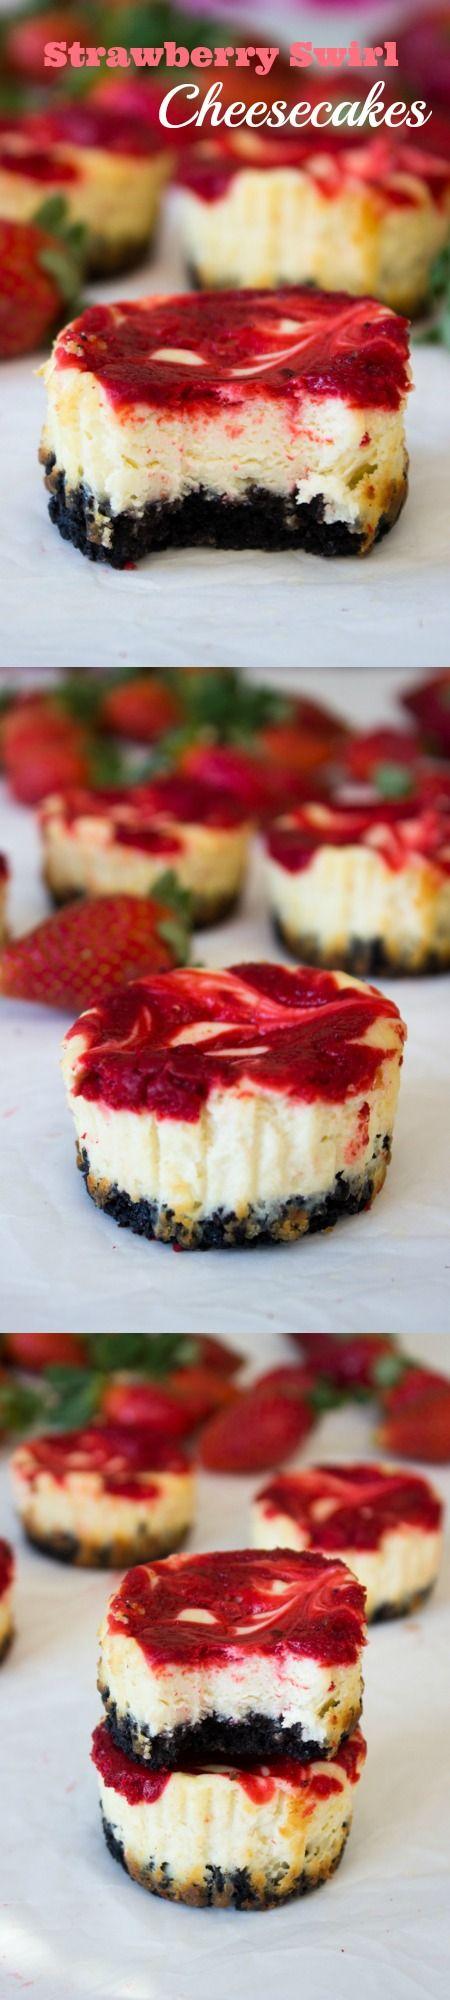 Mini Strawberry Swirl Cheesecakes. The perfect dessert recipe.